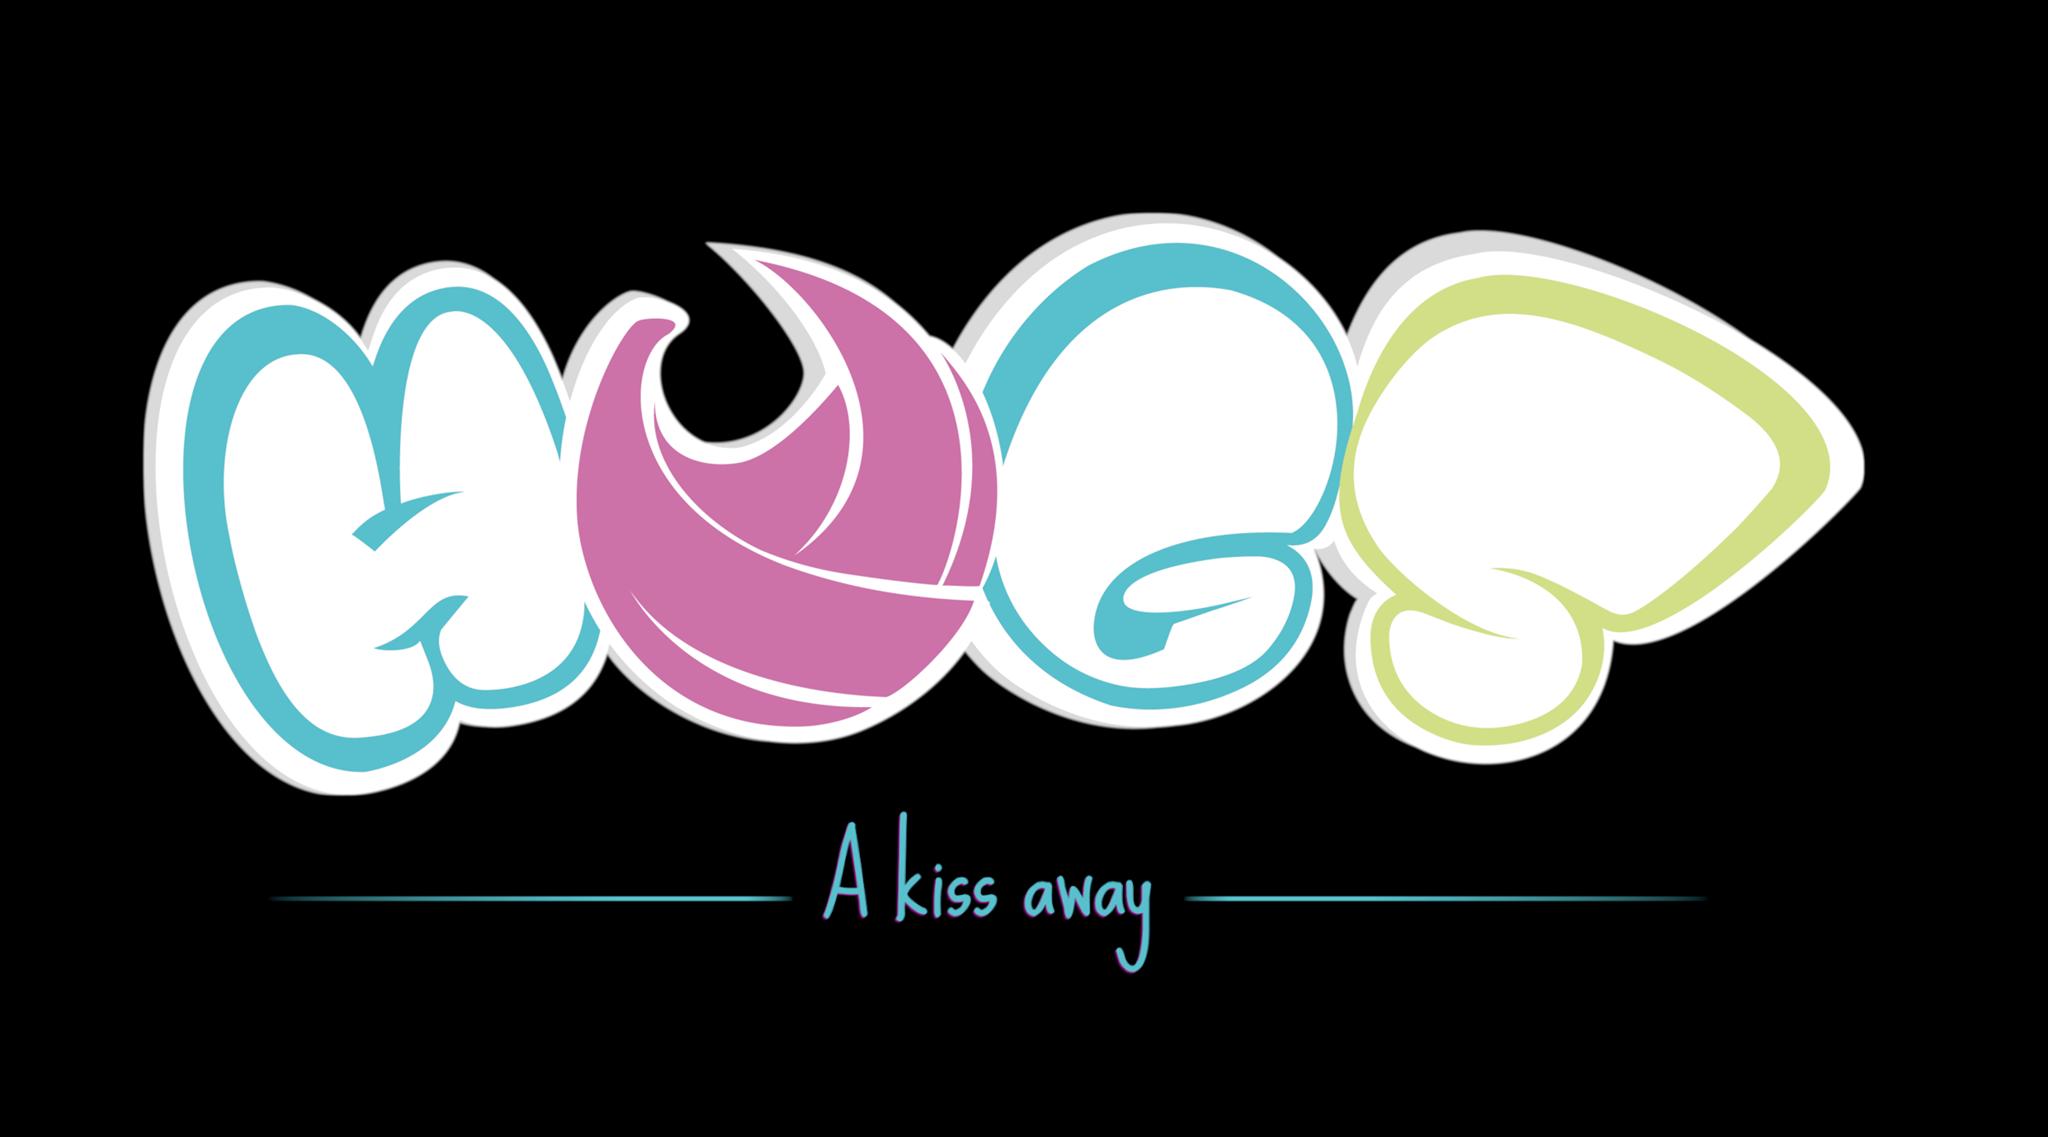 Hugs-A kiss away